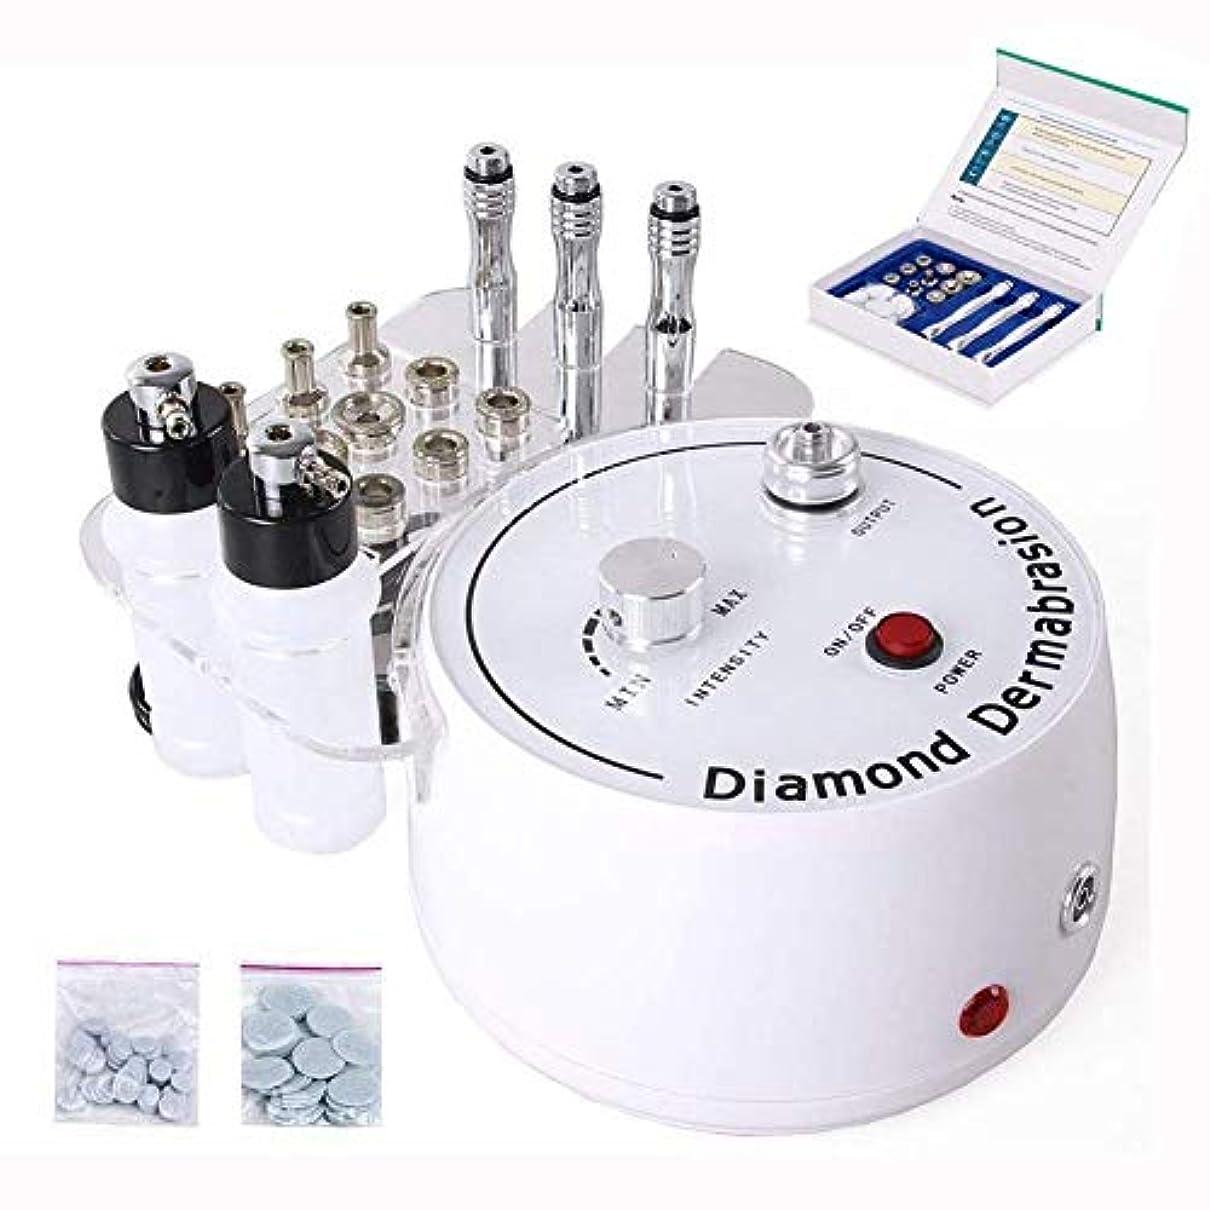 ズームインする不良品報復するダイヤモンドマイクロダーマブレーション皮膚剥離機、ピーリング美容機しわフェイスピーリングマシン、専門の皮膚剥離装置肌用美容機器を引き締め若返りリフティングピーリング